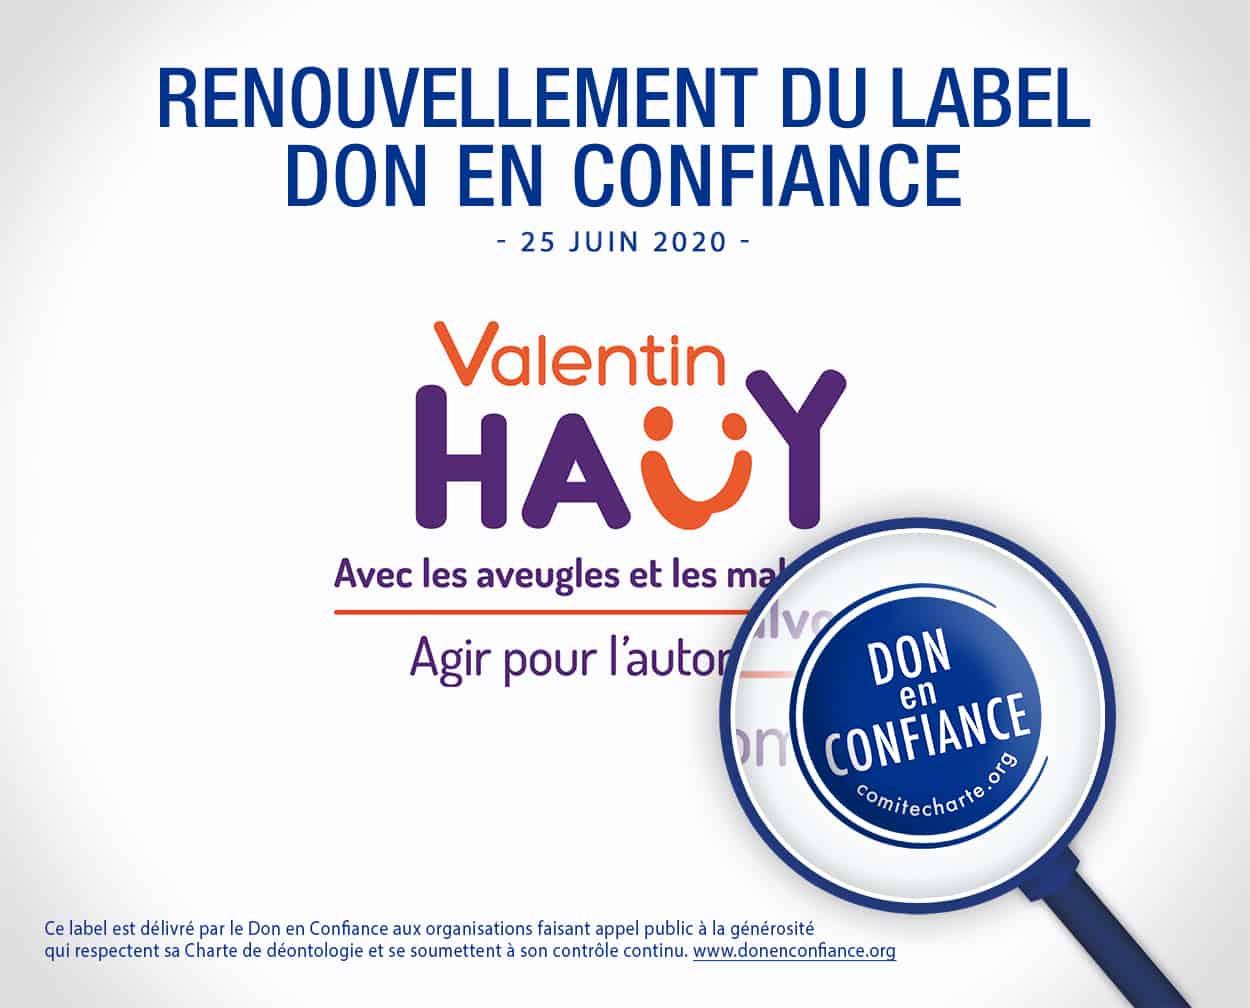 Notre association Valentin Haüy obtient le renouvellement du label Don en confiance pour 3 ans!